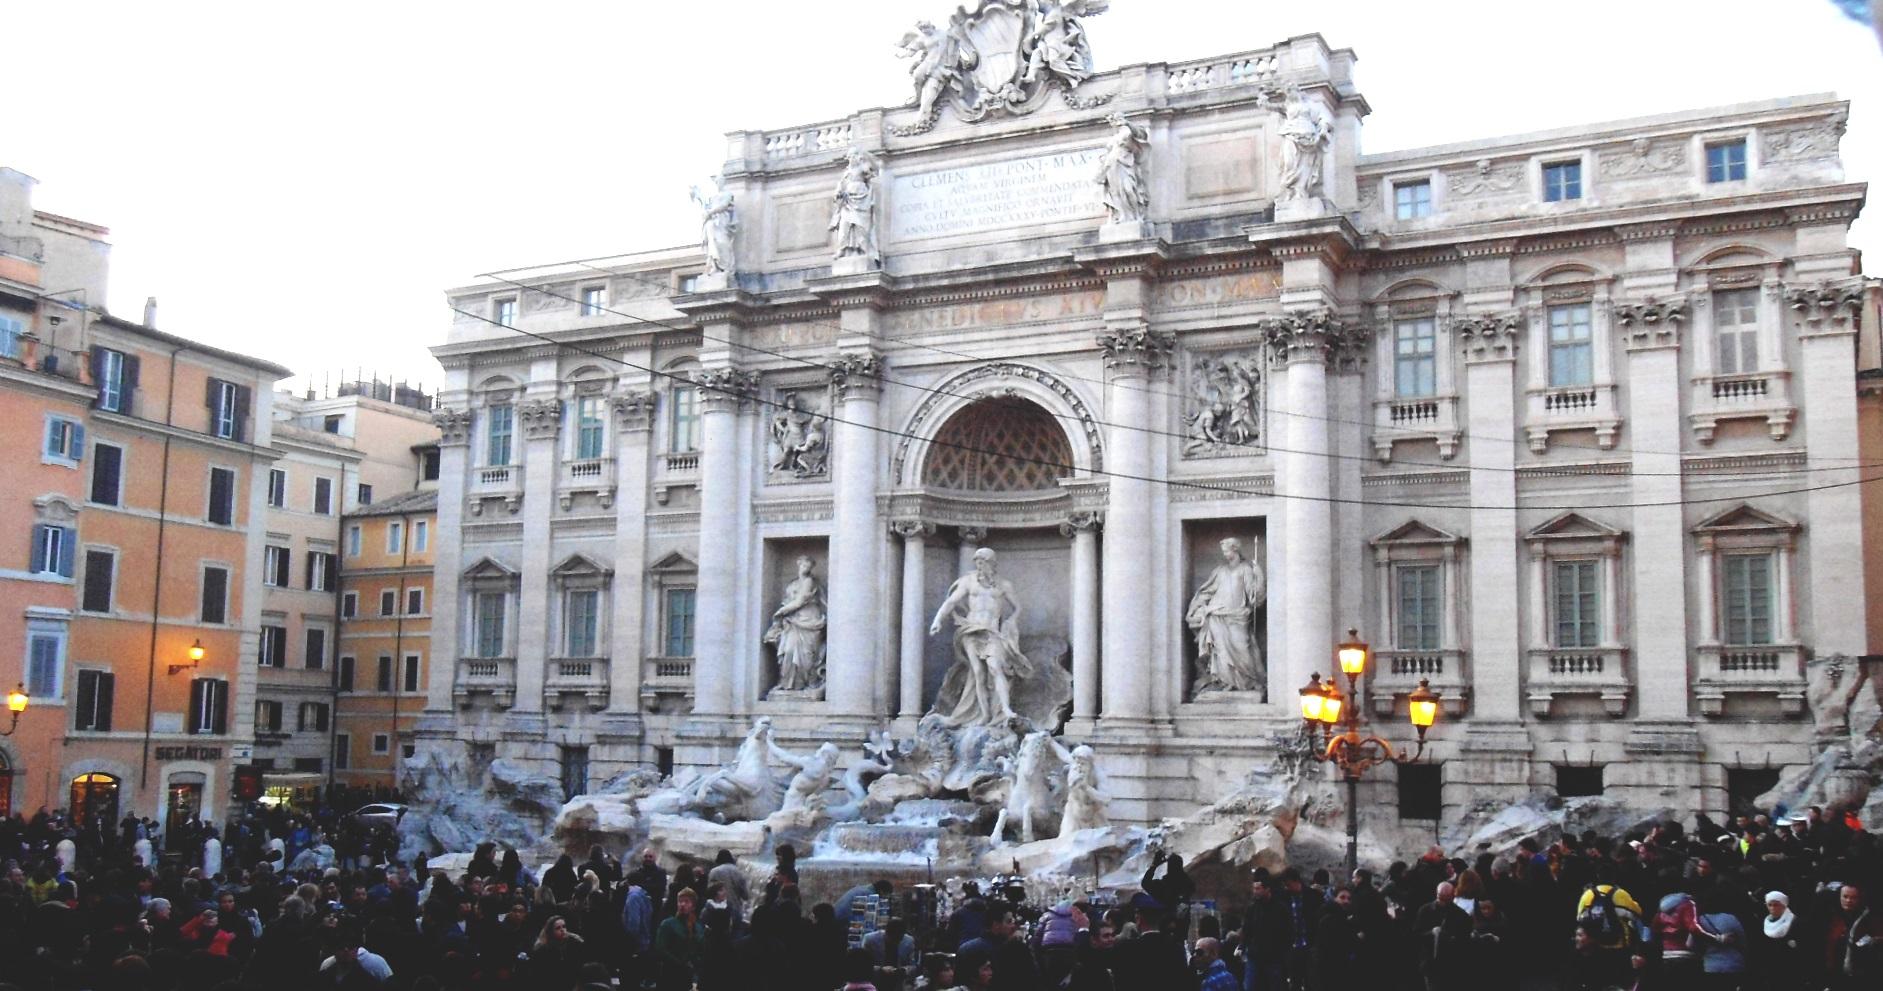 fontaine di trevi rome